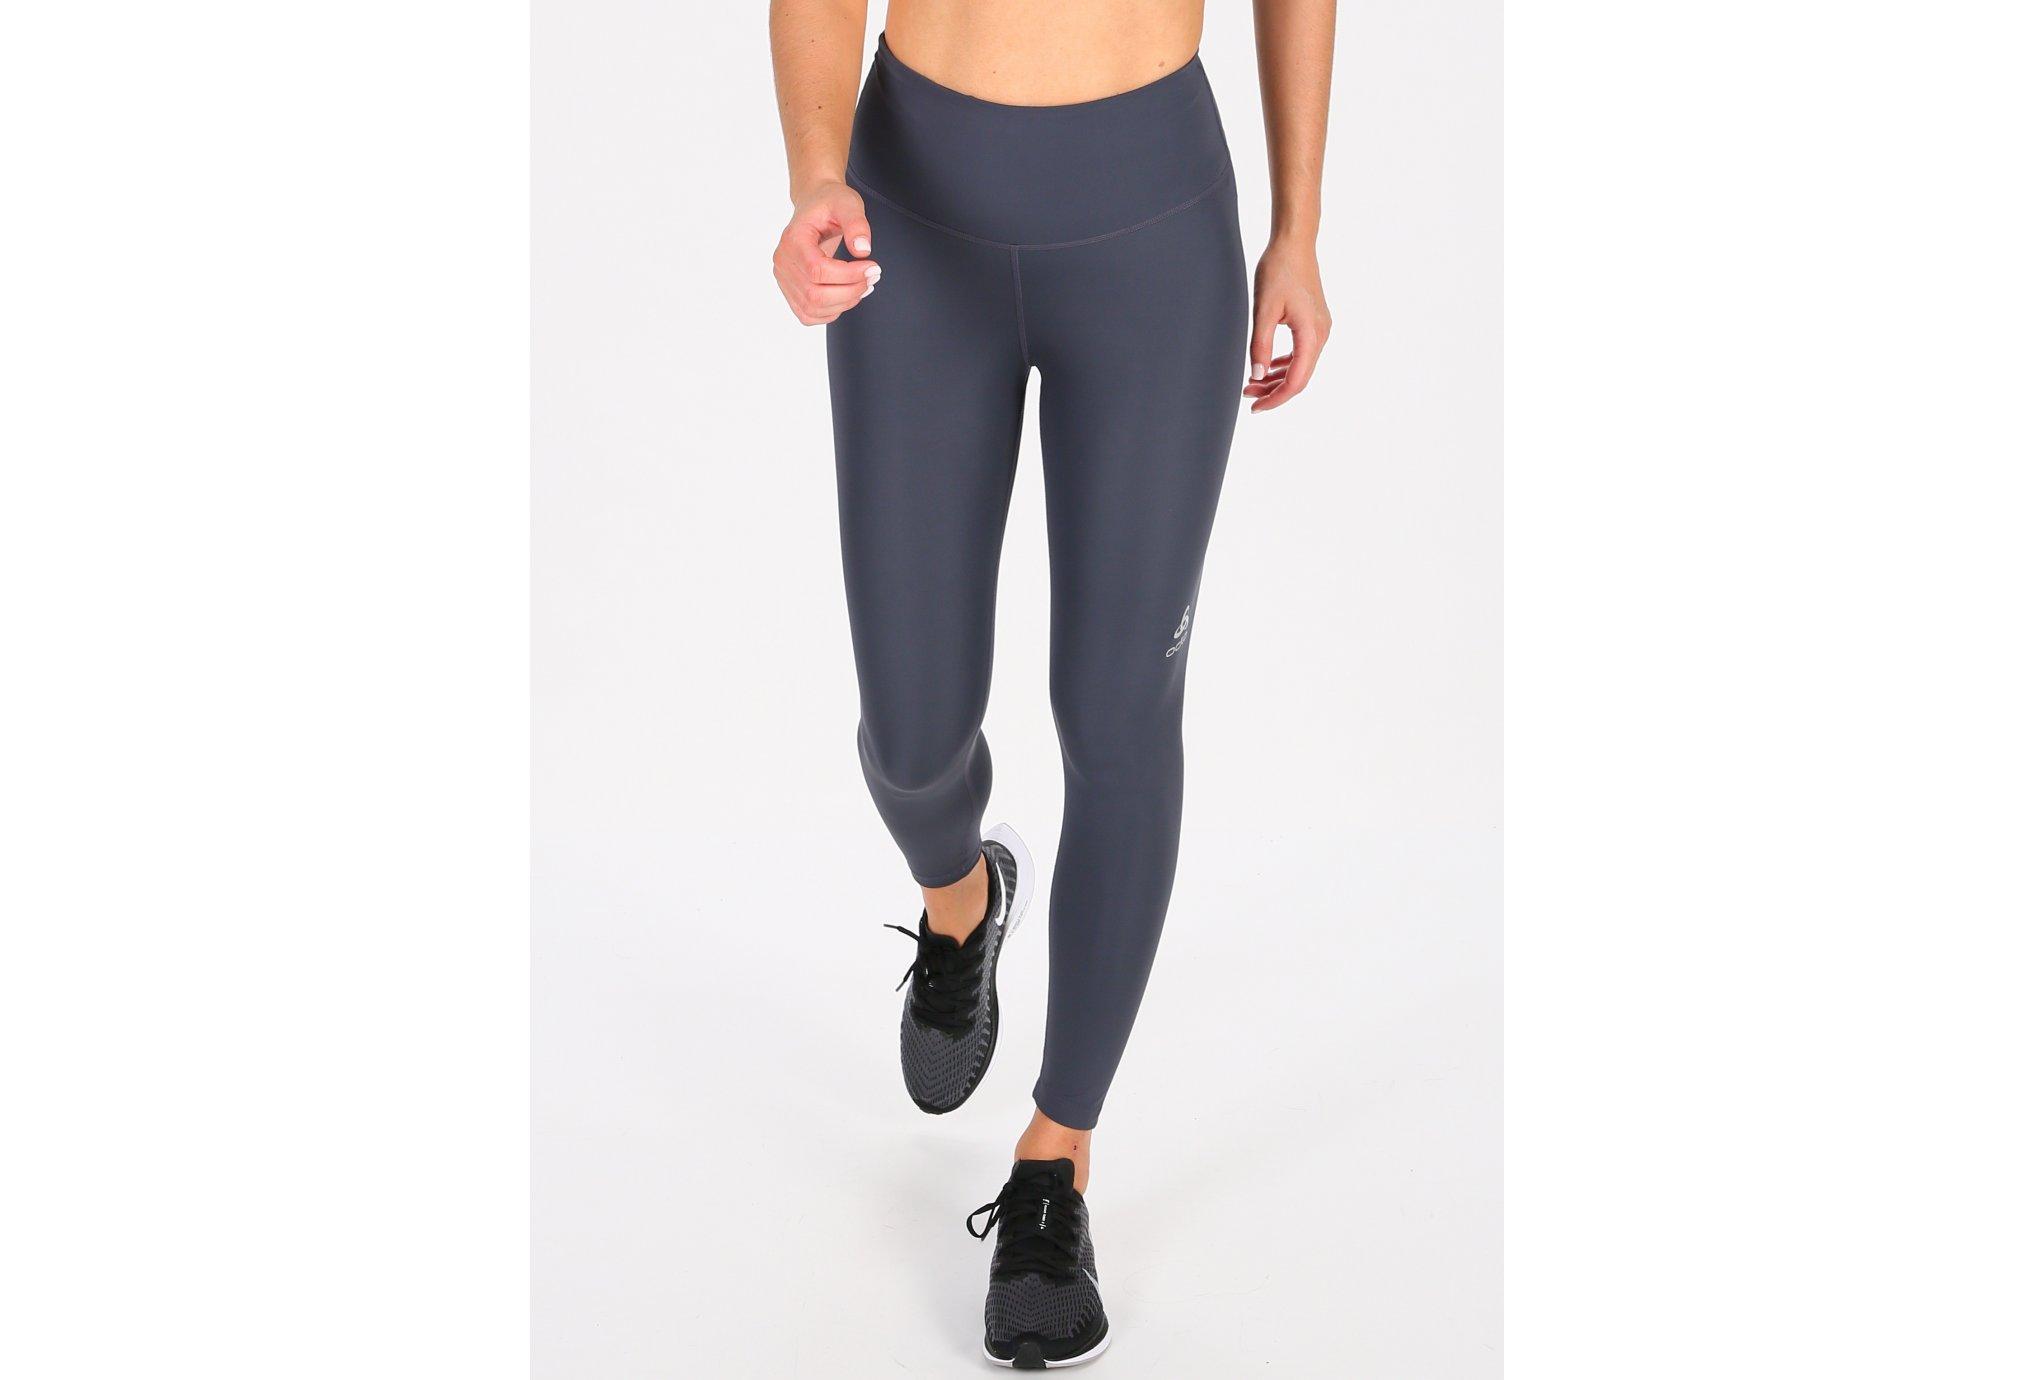 Odlo Shift Medium 7/8 W Diététique Vêtements femme